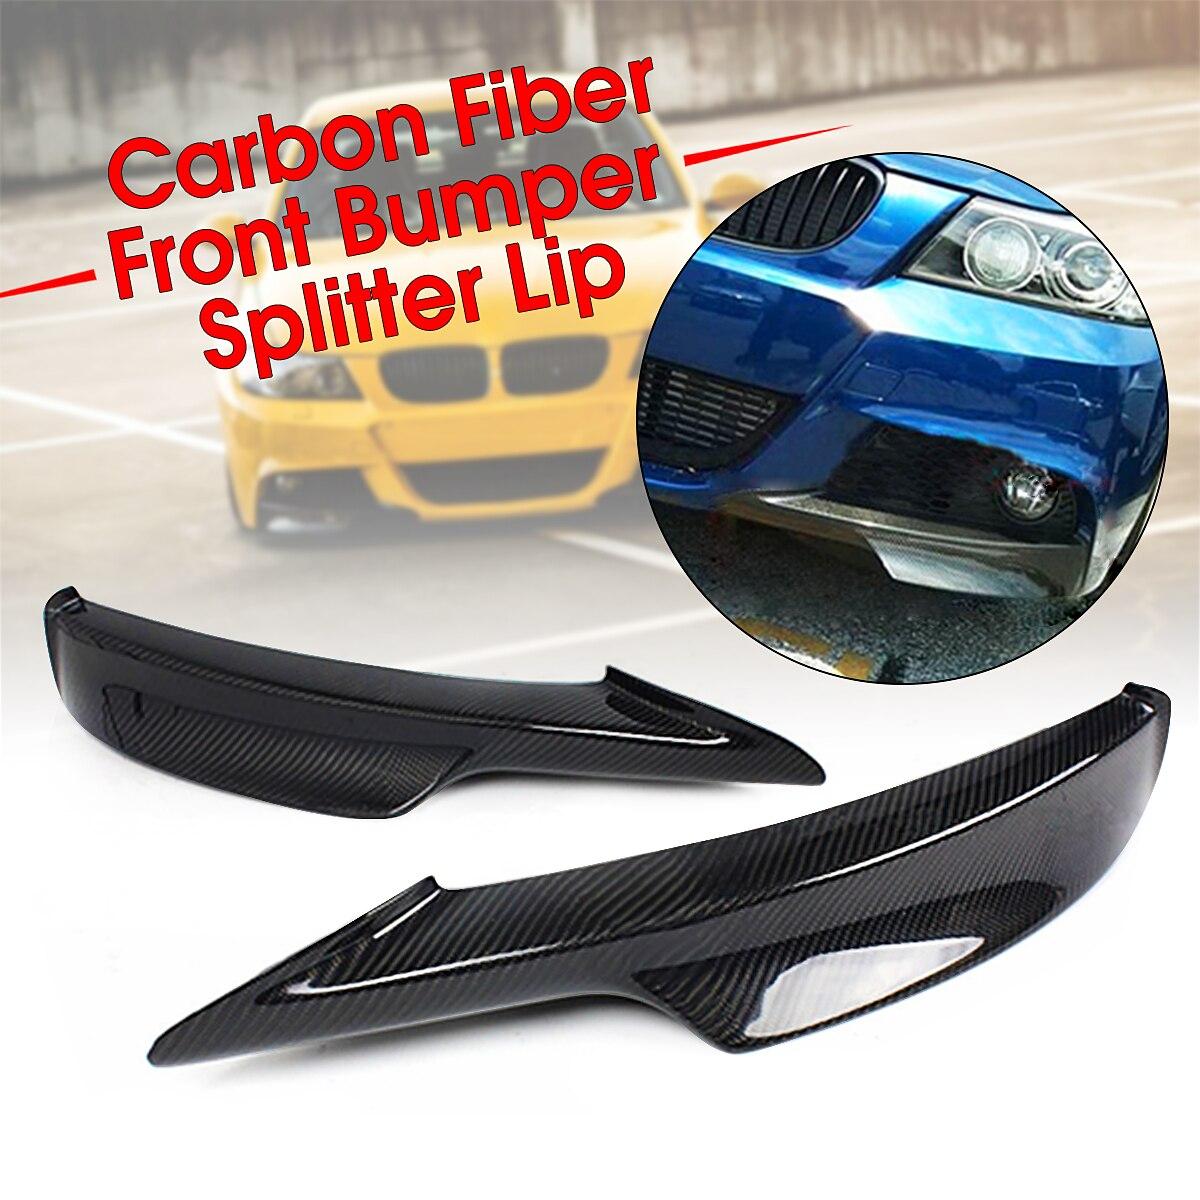 Real da Fibra do Carbono/Resina Universal Frente Car Bumper Lip Protector Spoile Lado Divisor Para BMW 335i E90 LCI M -tecnologia